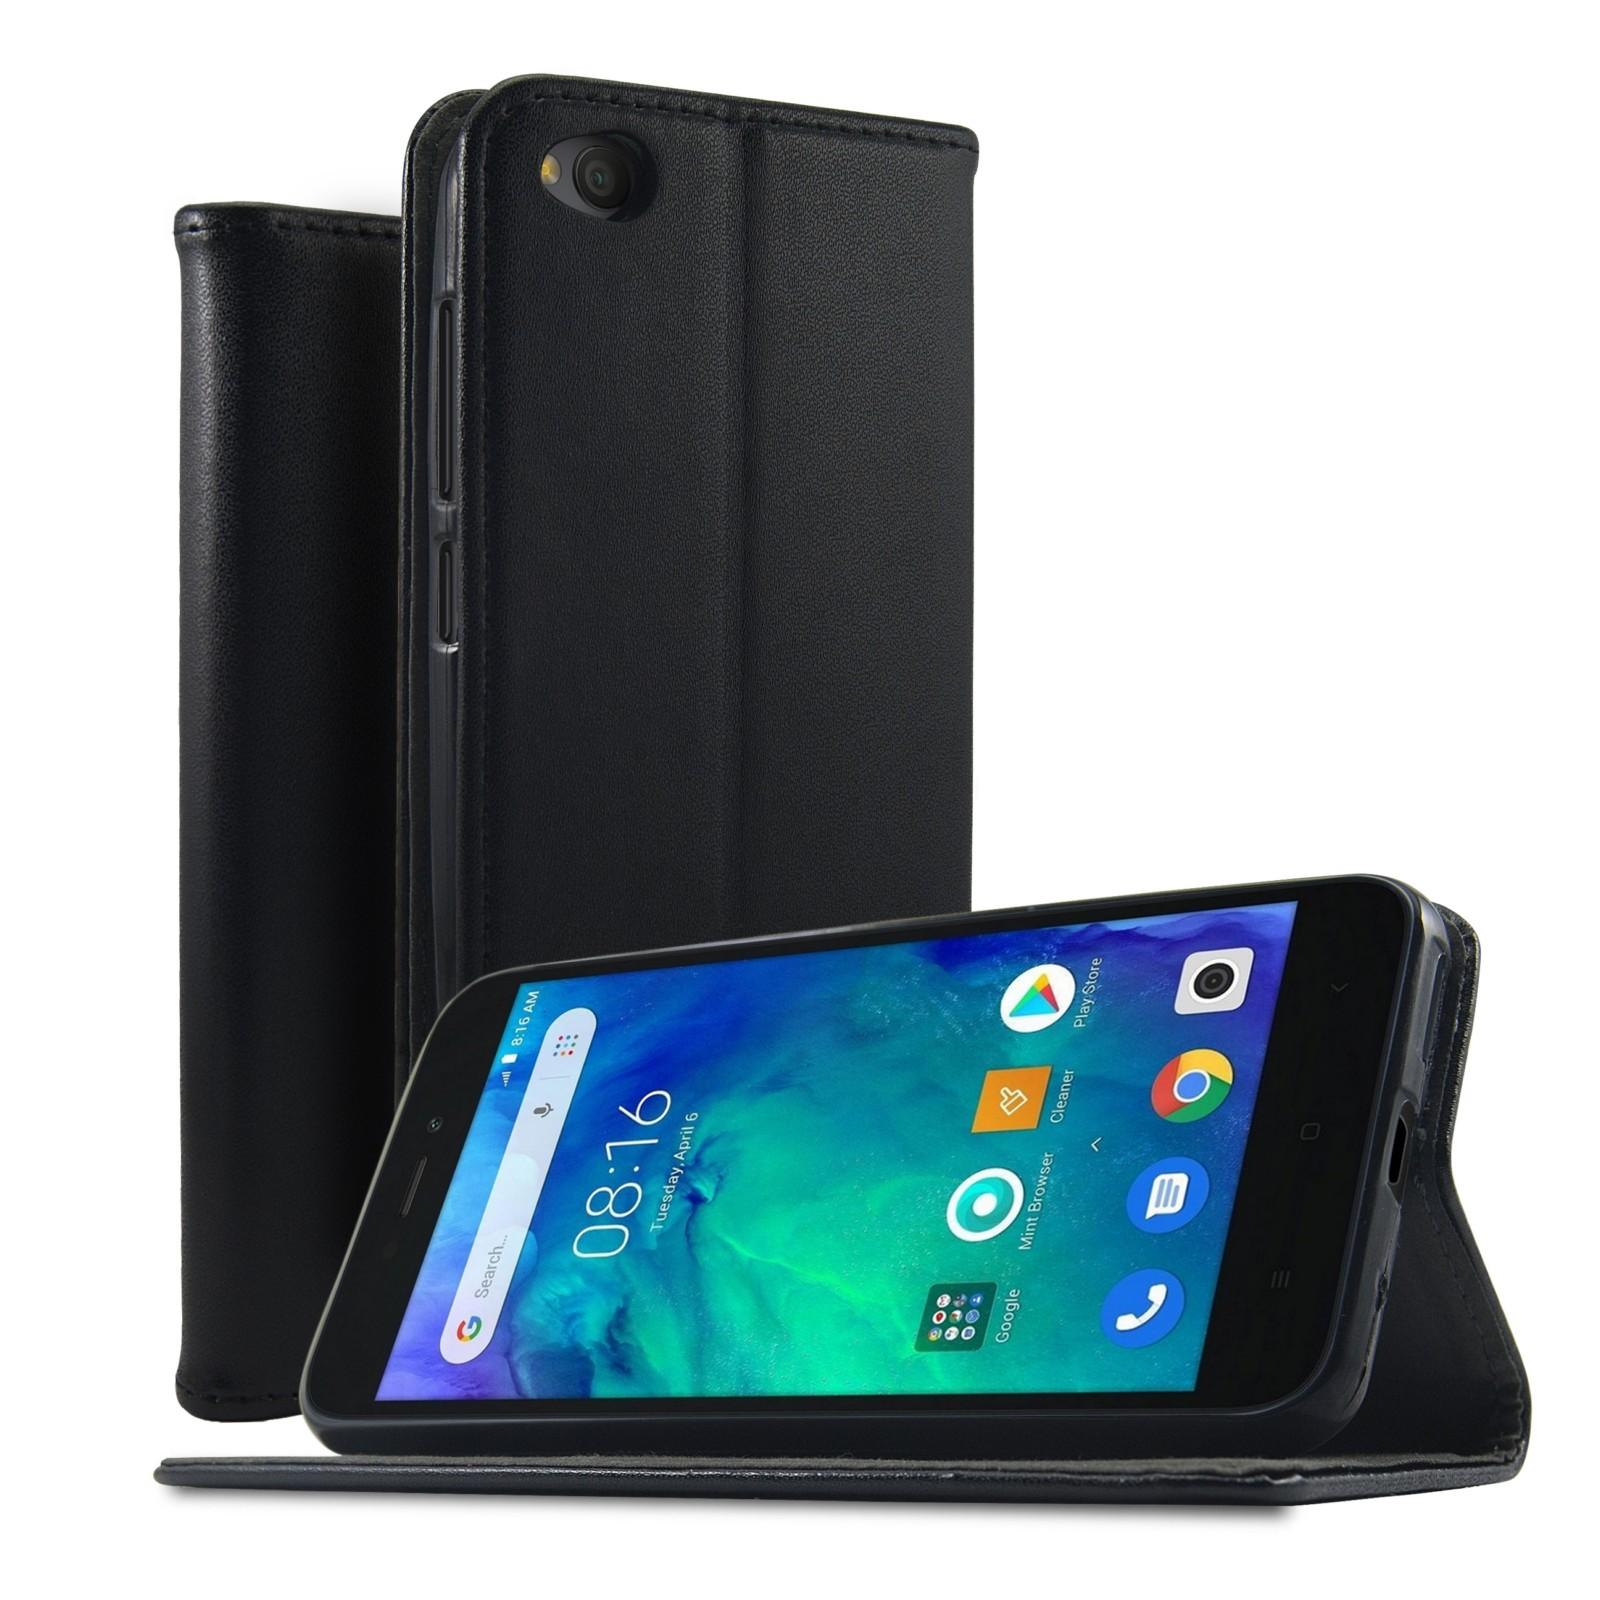 Xiaomi Redmi Pro Custodia Cover per Cellulare Protettiva Flip Blu